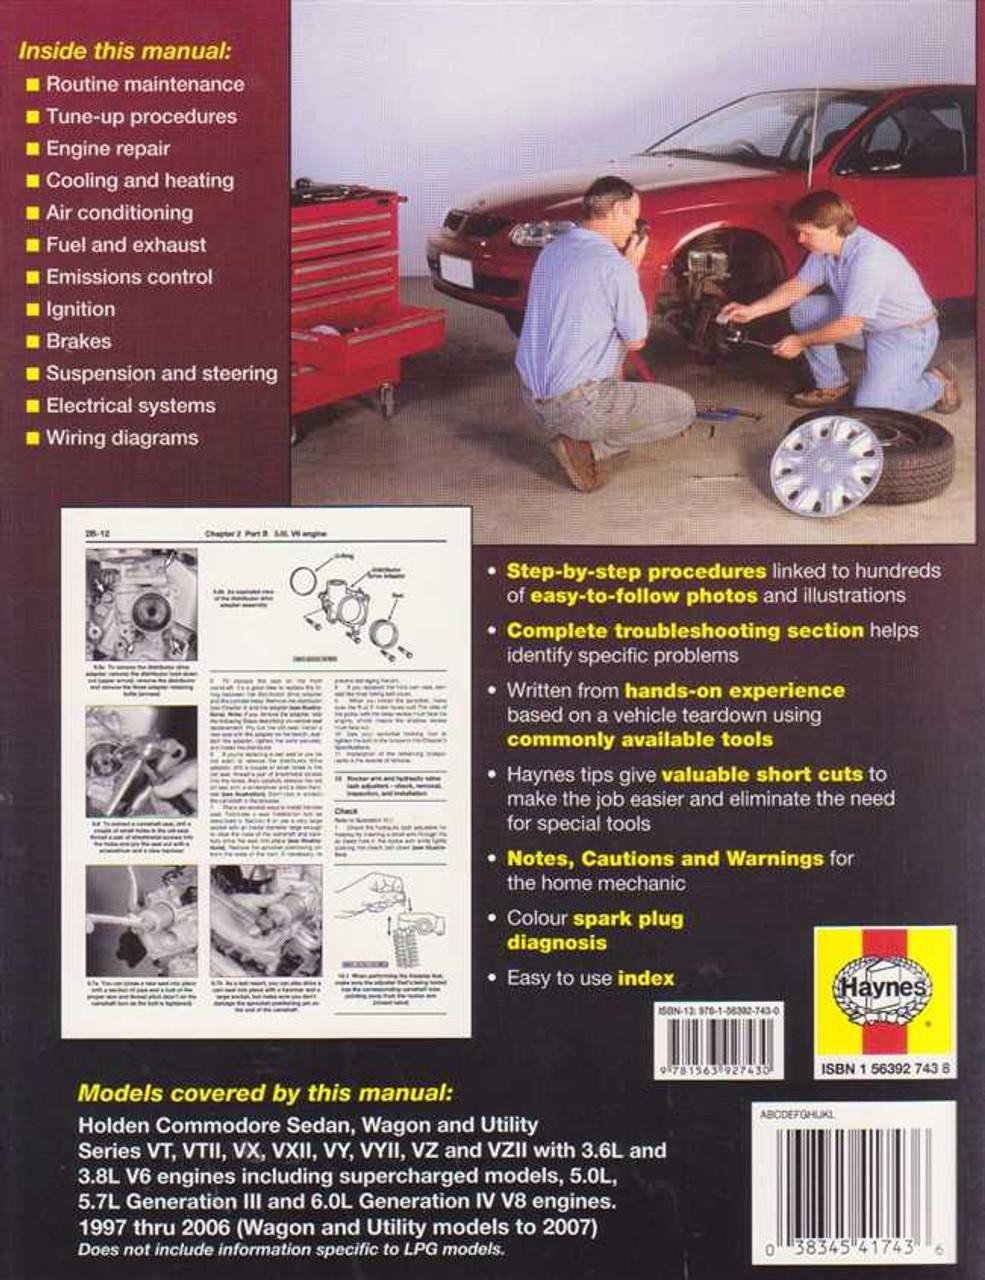 Holden Commodore VT, VTII, VX, VXII, VY, VYII, VZ, VZII Series 1997 on